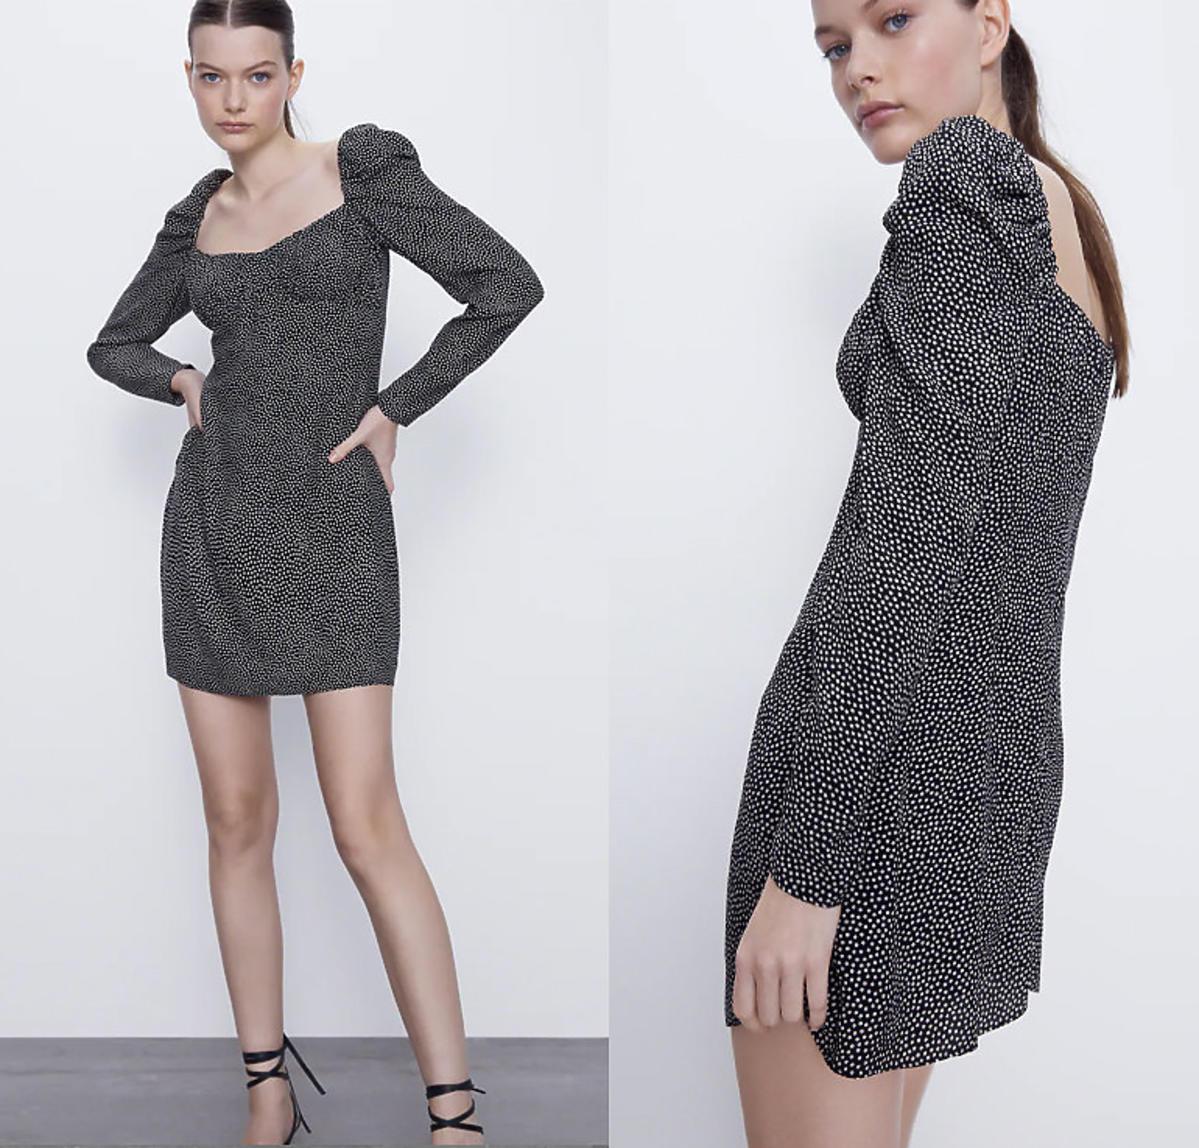 Sukienka w kropki, Zara, 49,90 zł